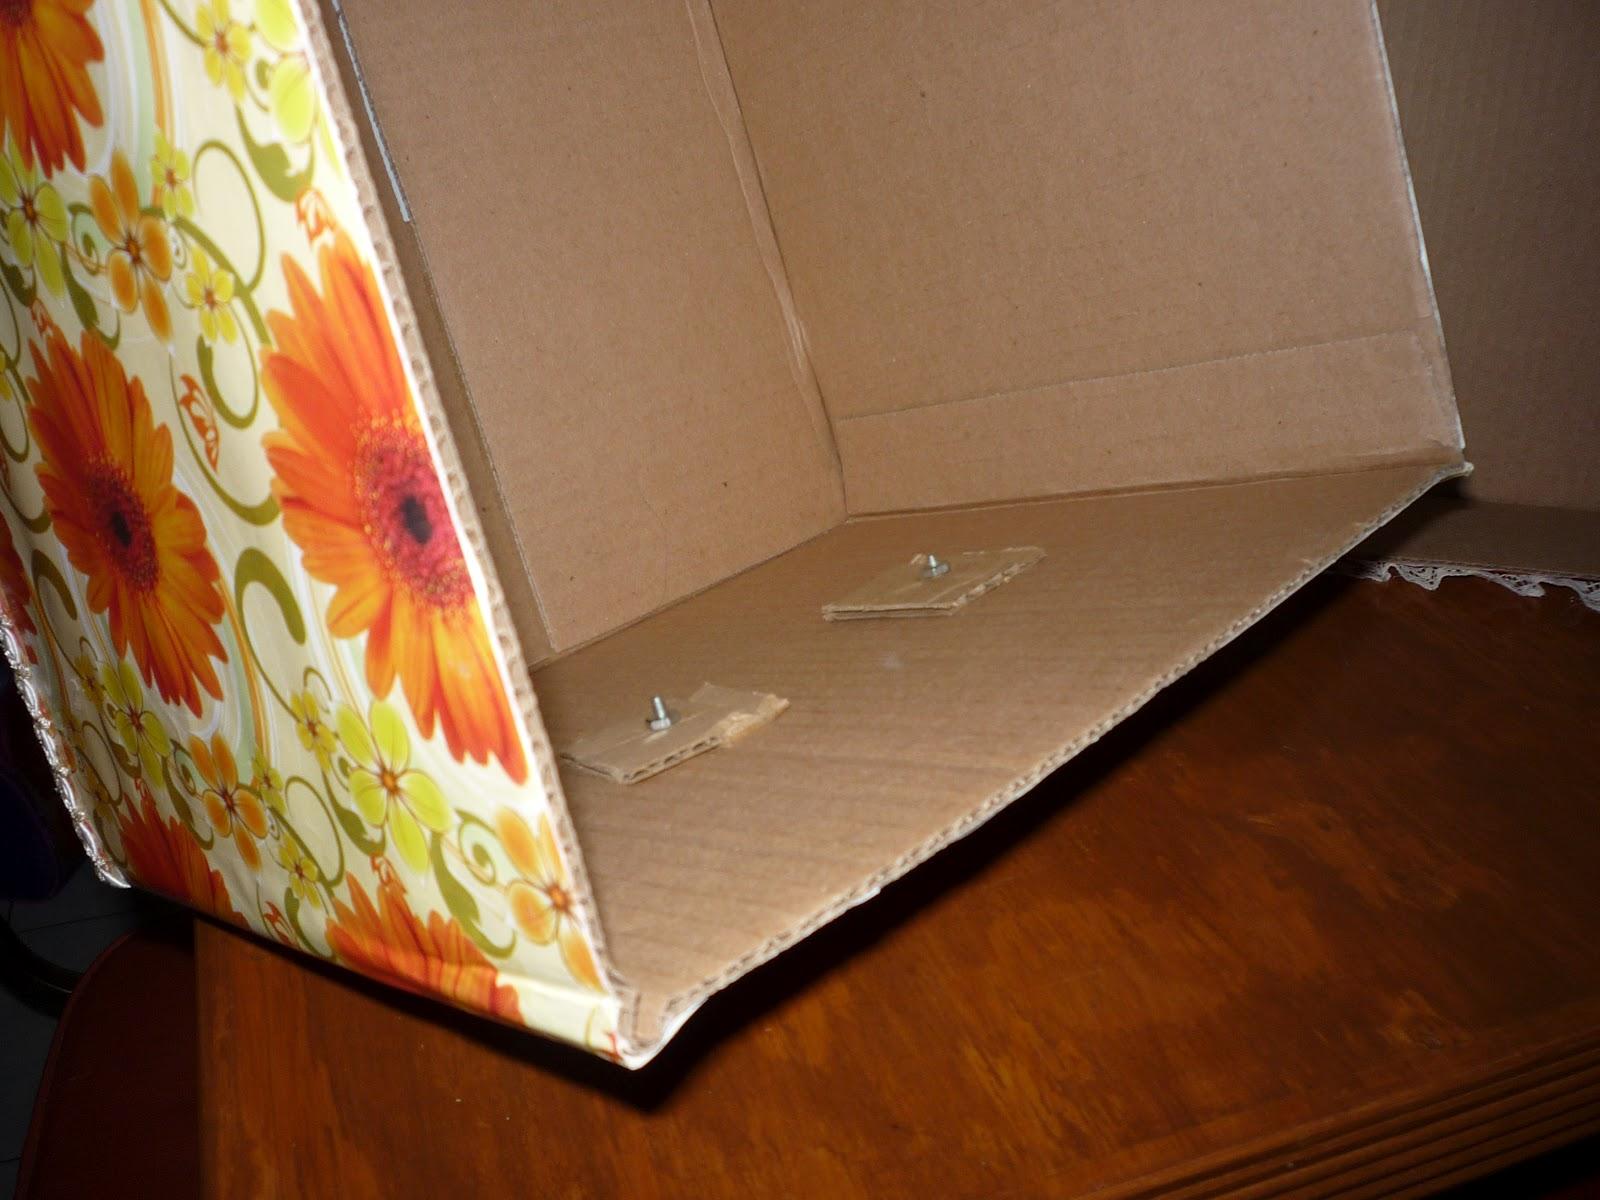 Cocinadulceysencilla cajas de cart n decoradas - Cajas de carton decoradas baratas ...